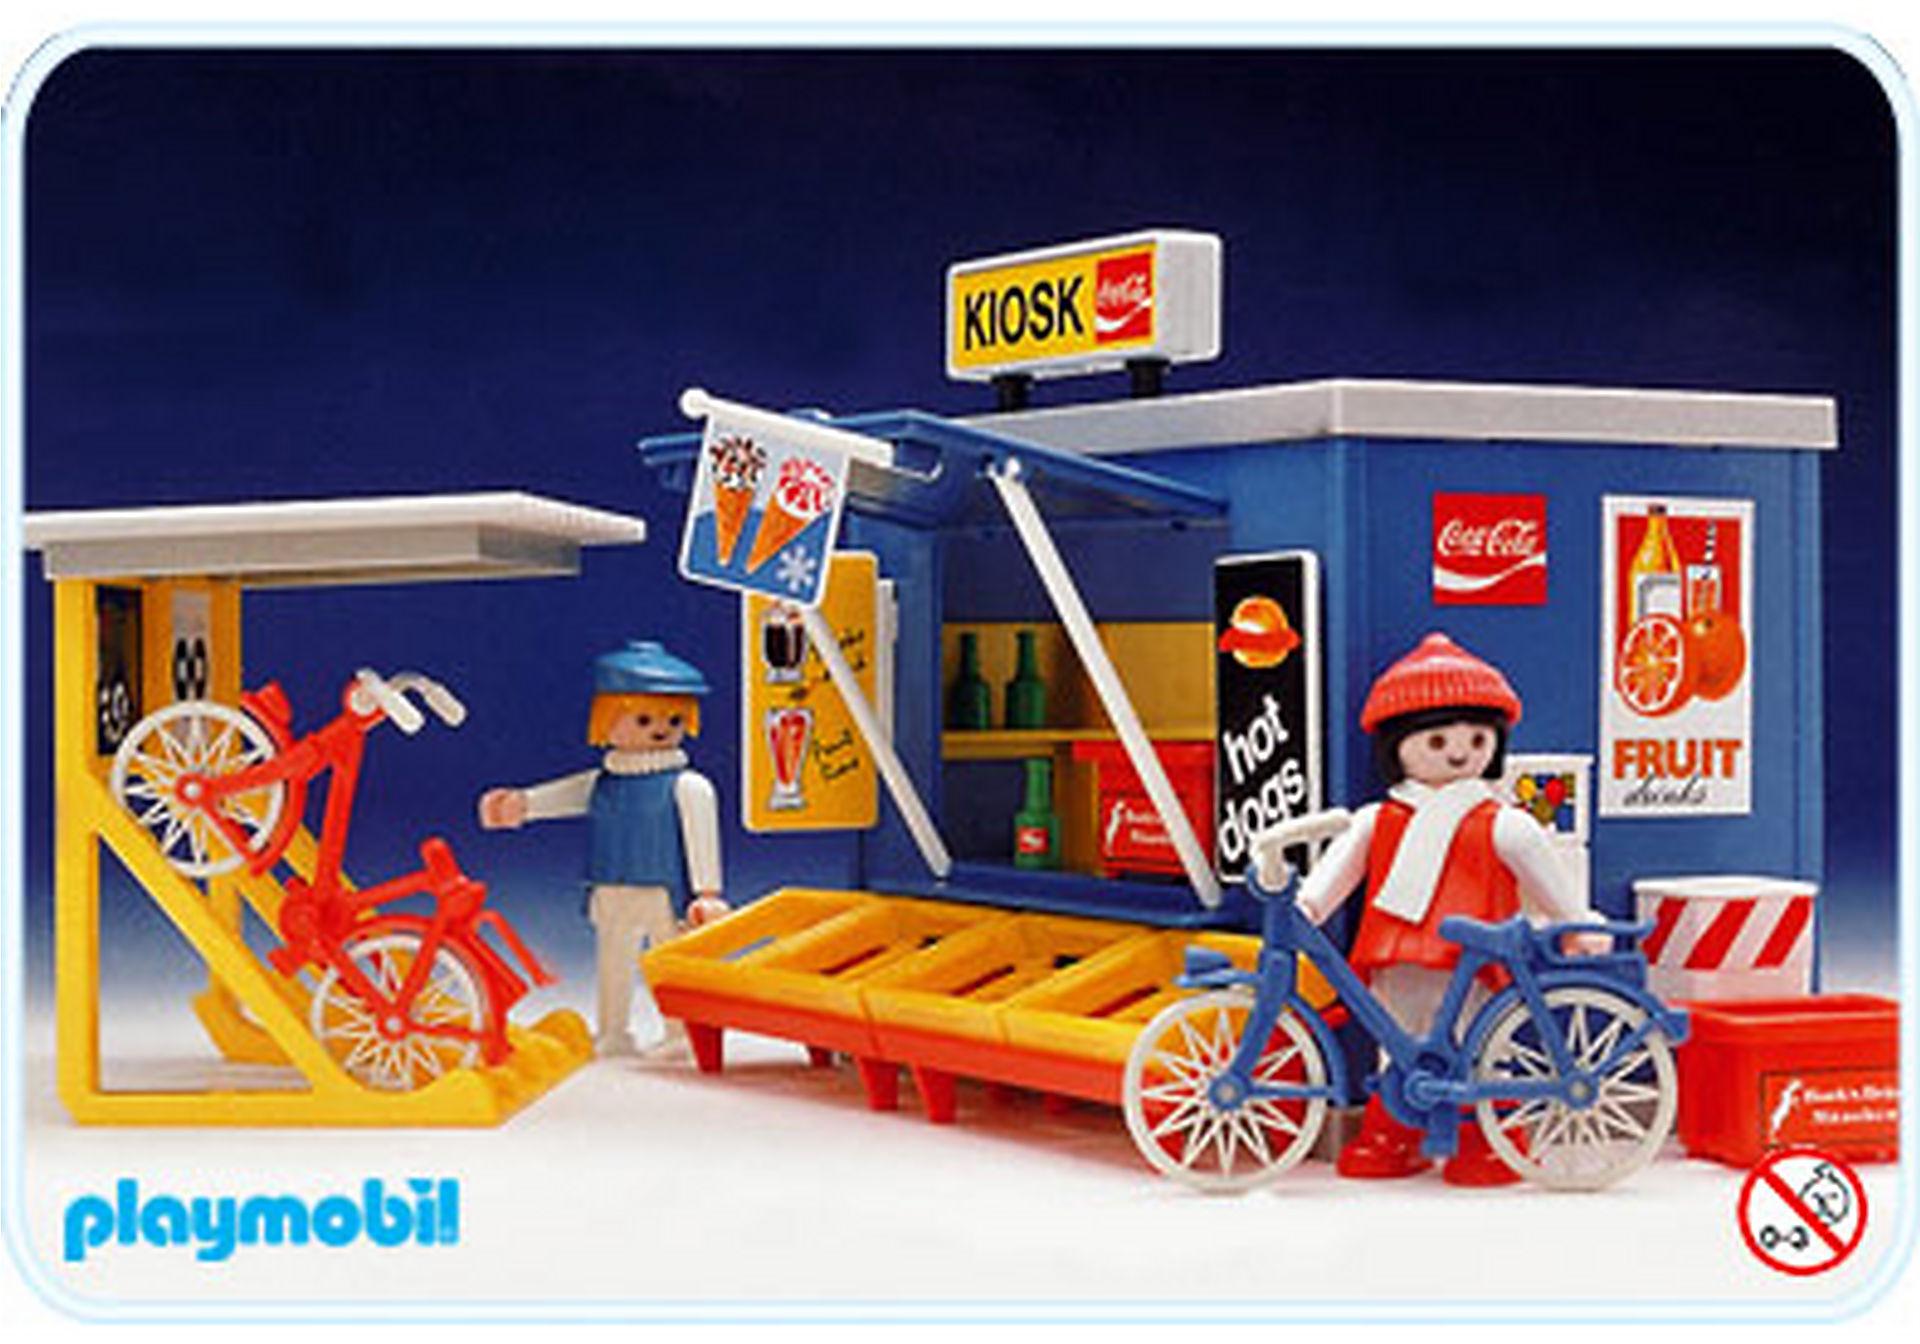 http://media.playmobil.com/i/playmobil/3418-A_product_detail/Kiosk/Fahrradständer